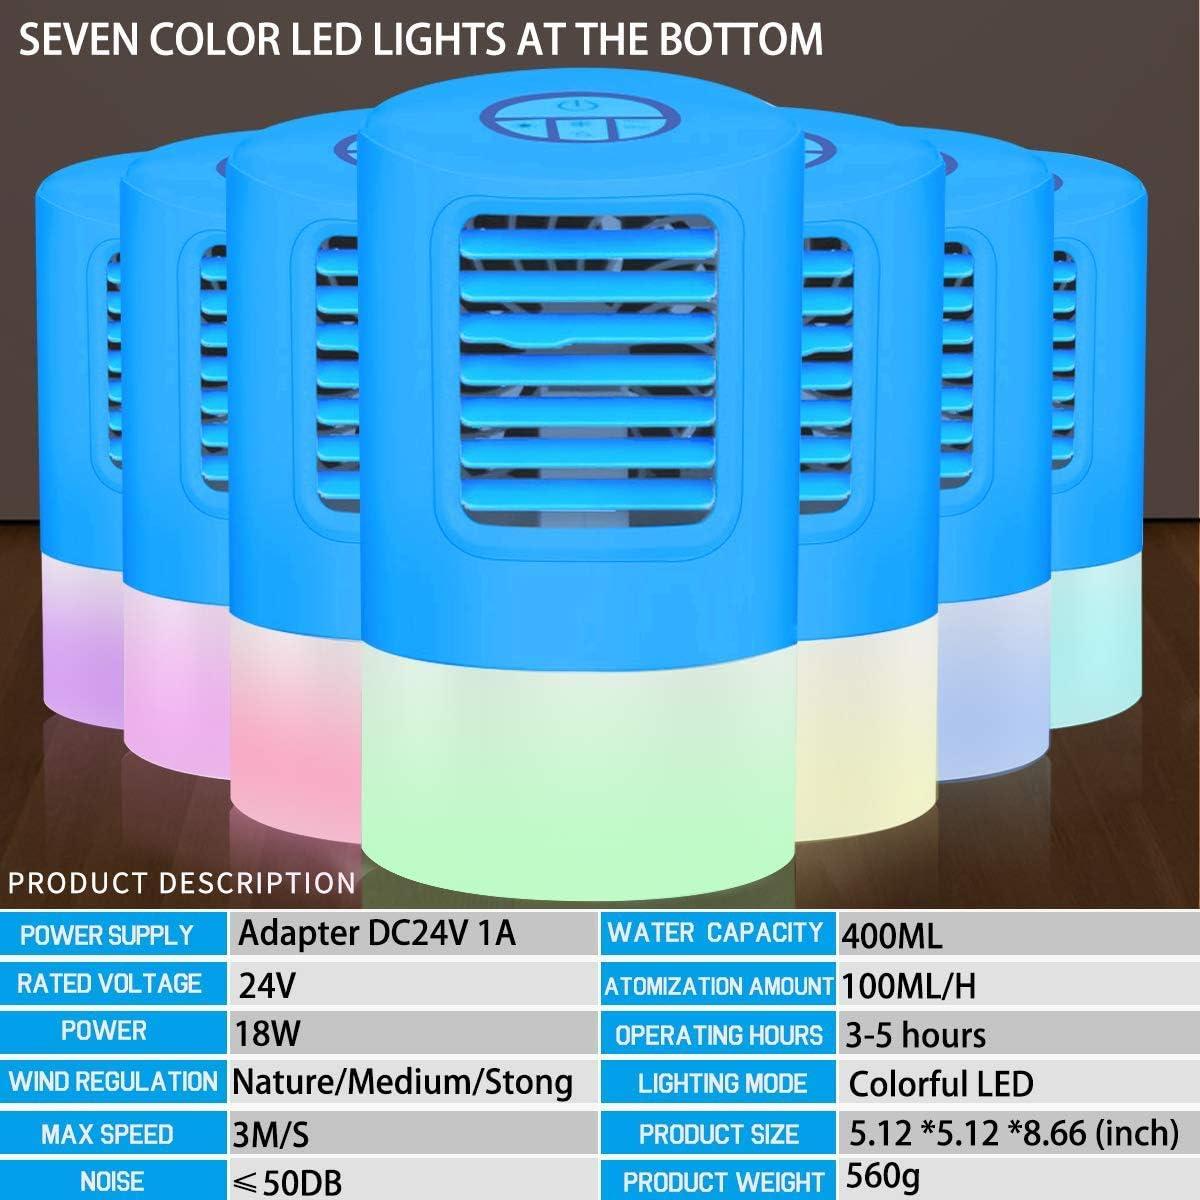 Climatizzatore Portatile Ventilatore 4 in 1 mini Personale Raffreddamento ad Aria Umidificatore Mobile con LED 7 Colori Raffreddatore ad Aria Condizionata luce Ambientale